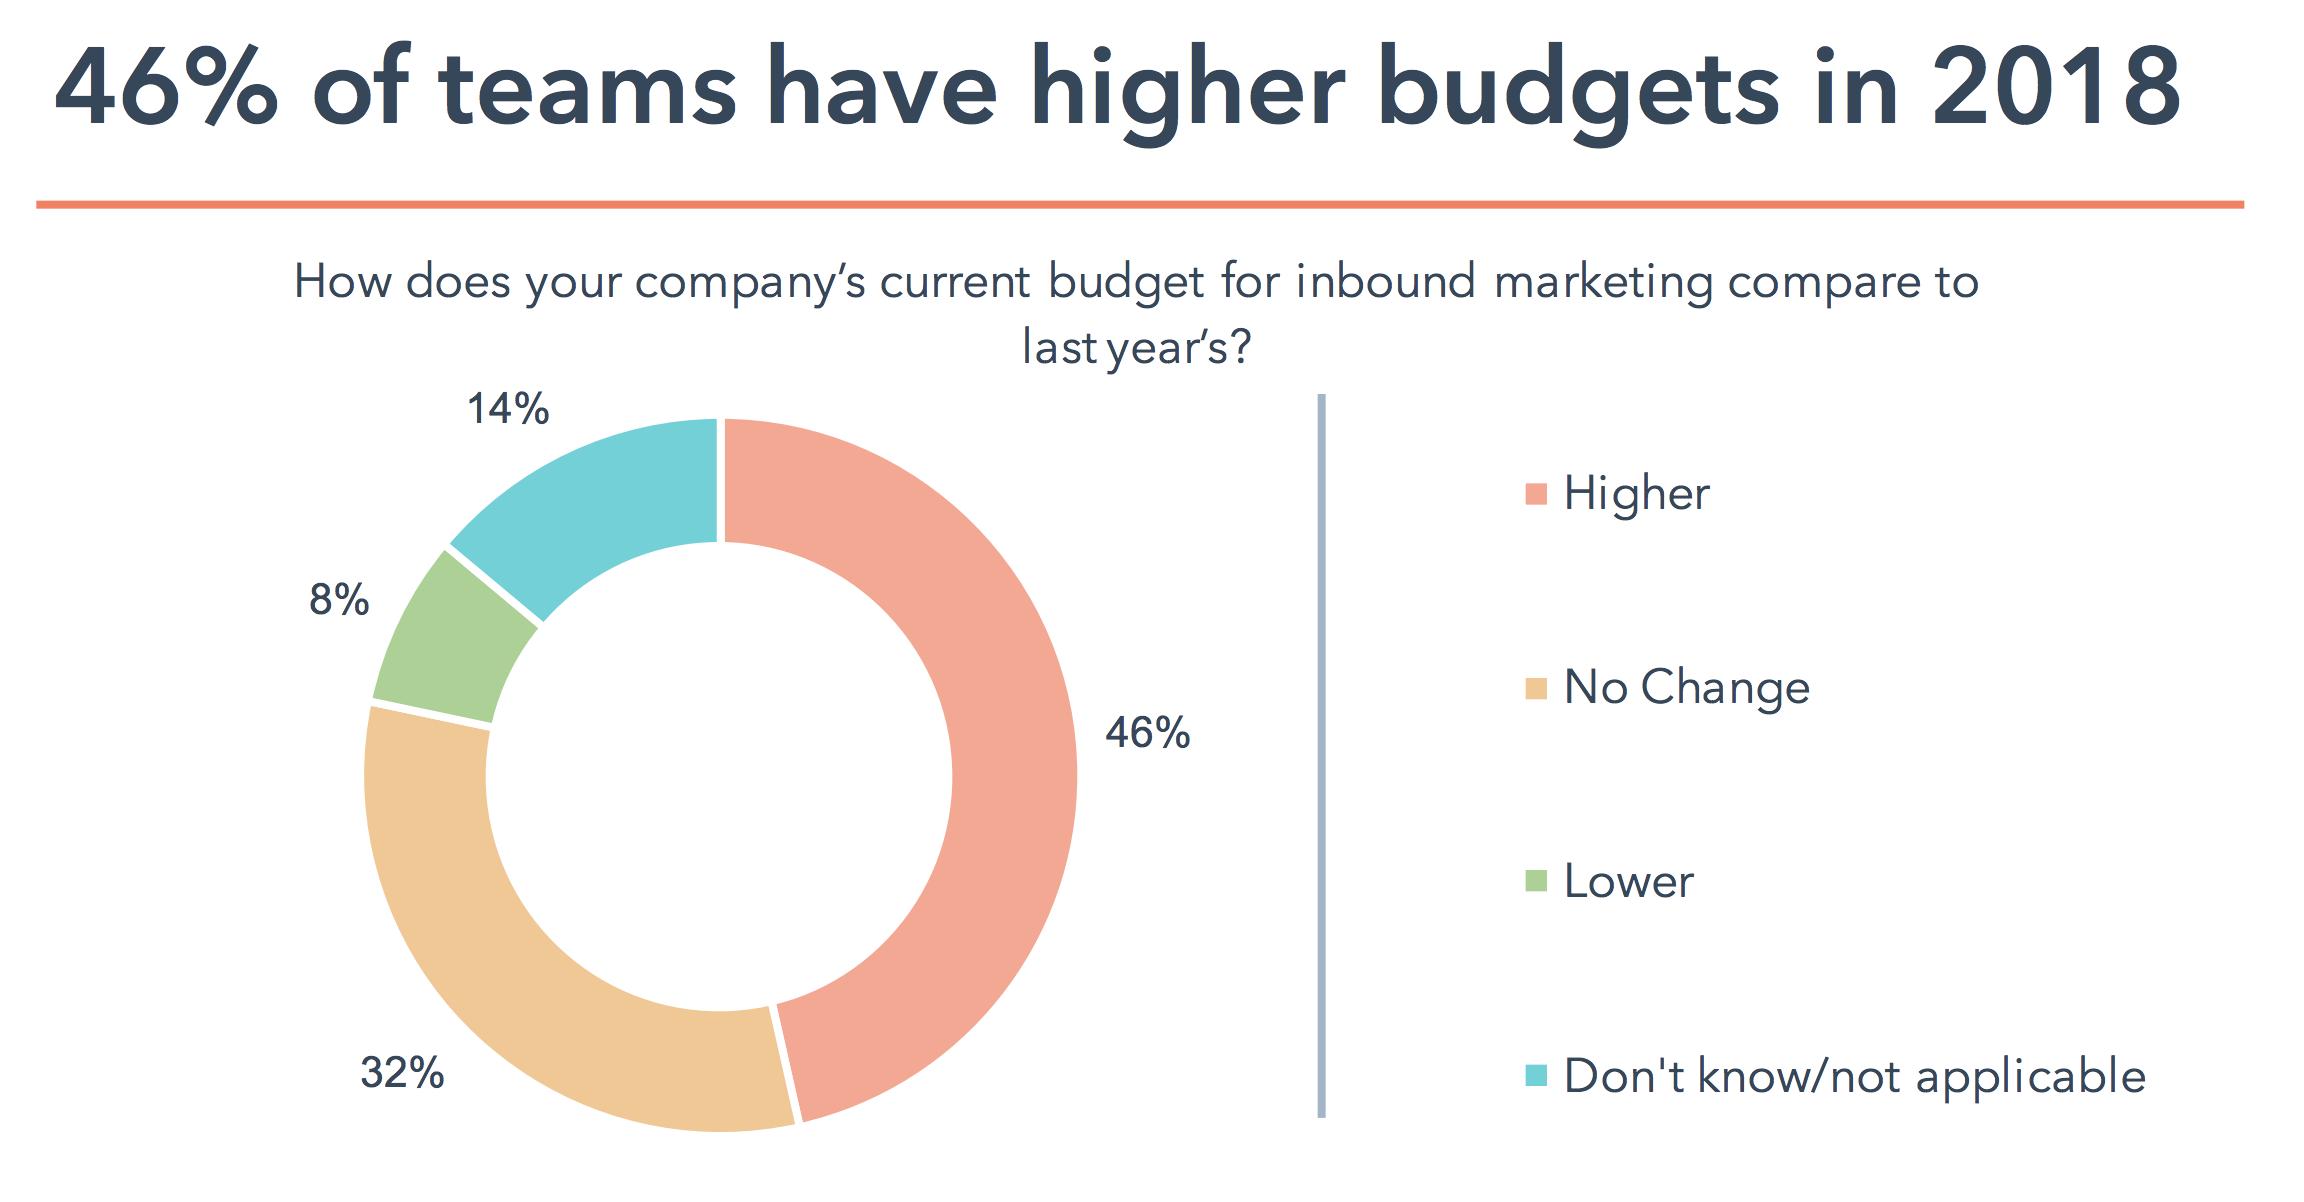 statistiques inbound marketing budget